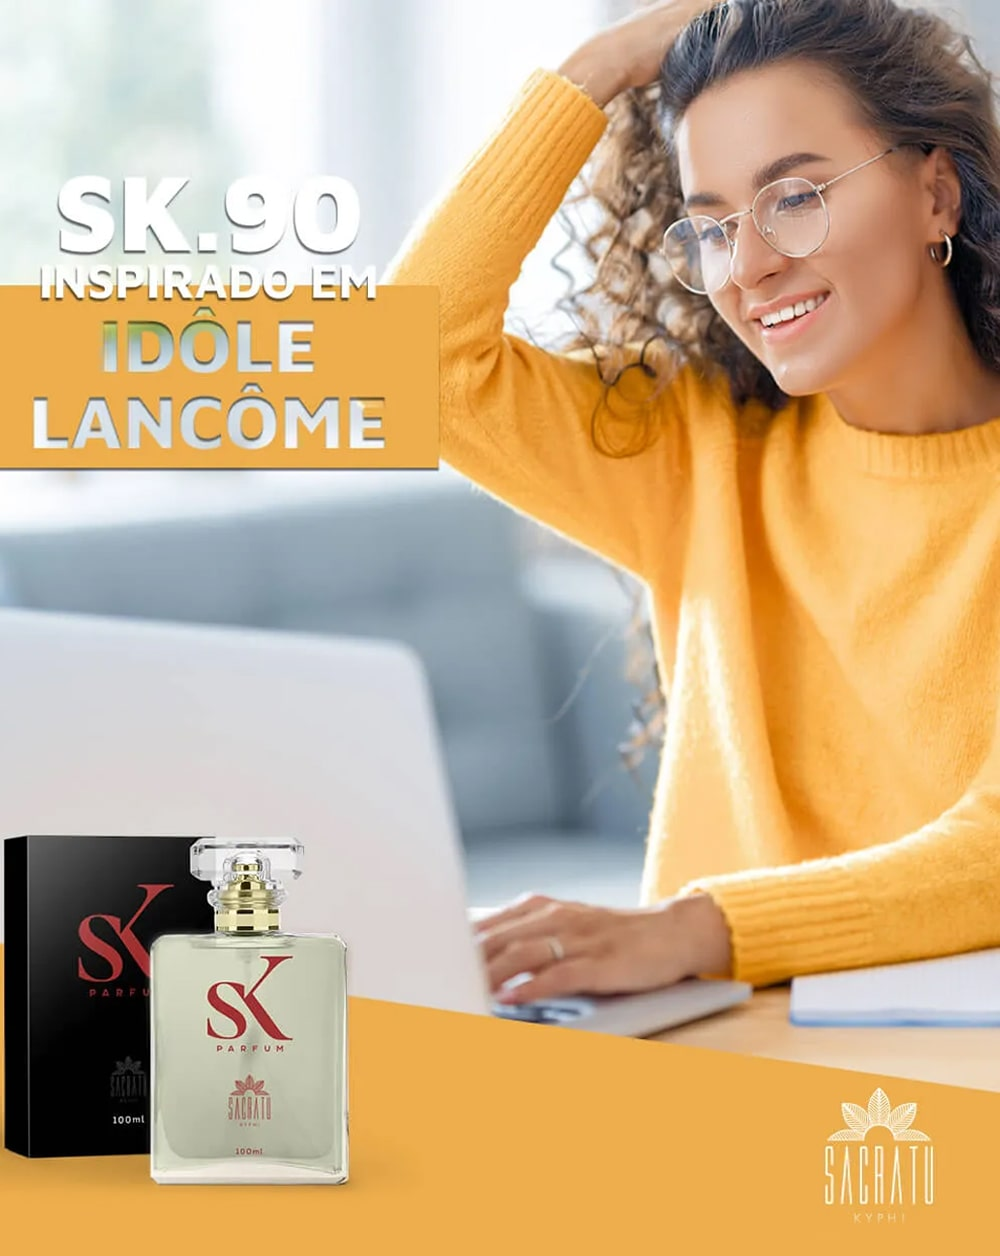 SK 90 - Inspirado em Idôle Lancôme